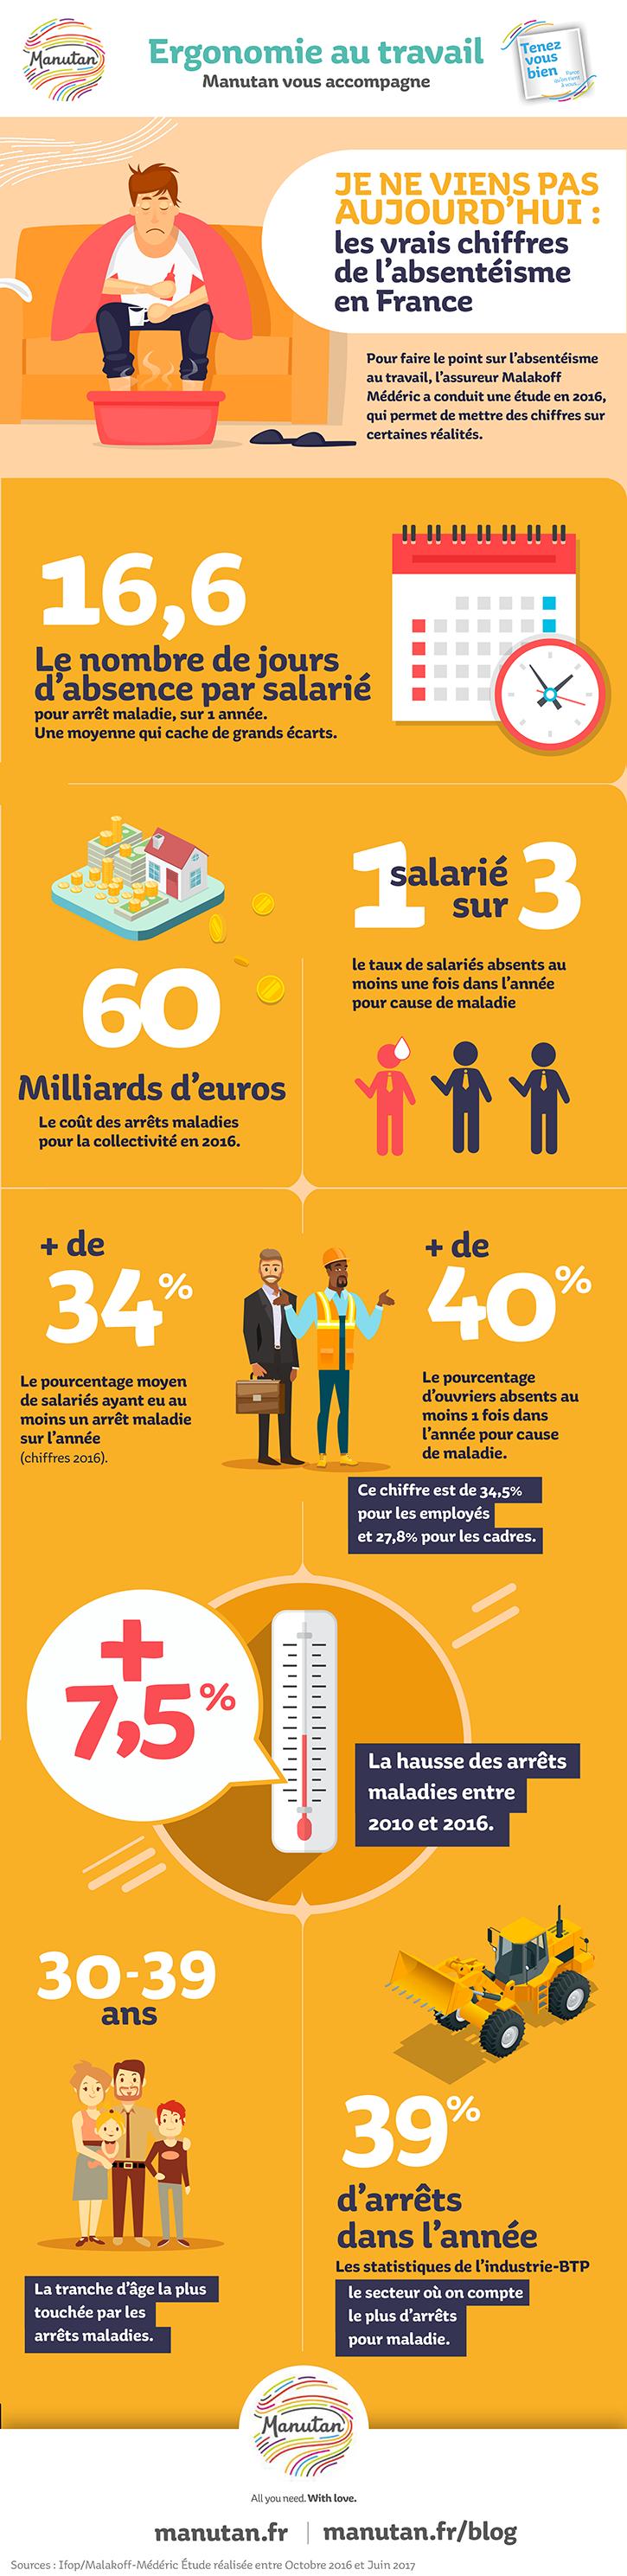 Infographie : L'absentéisme au travail